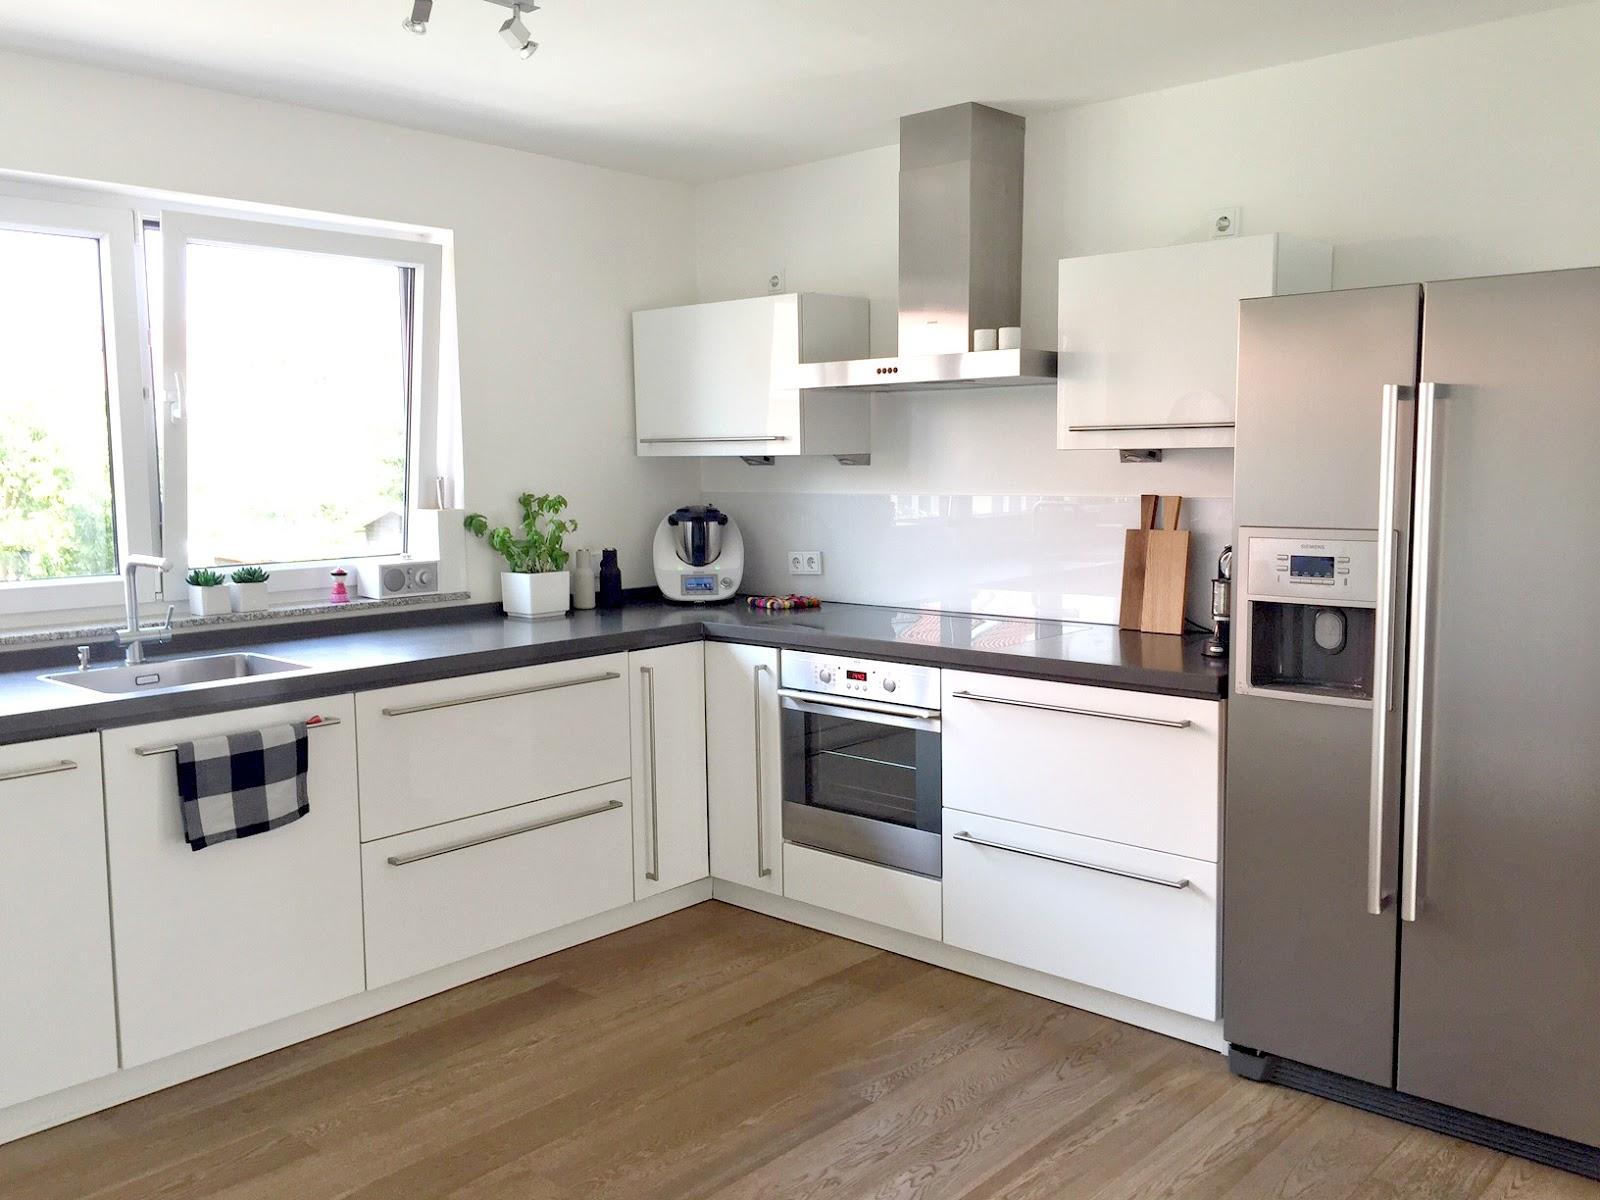 Full Size of Kleine Einbauküche Preis Was Kostet Eine Kleine Einbauküche Kleine Einbauküche Poco Einbauküche Für Kleine Räume Küche Kleine Einbauküche